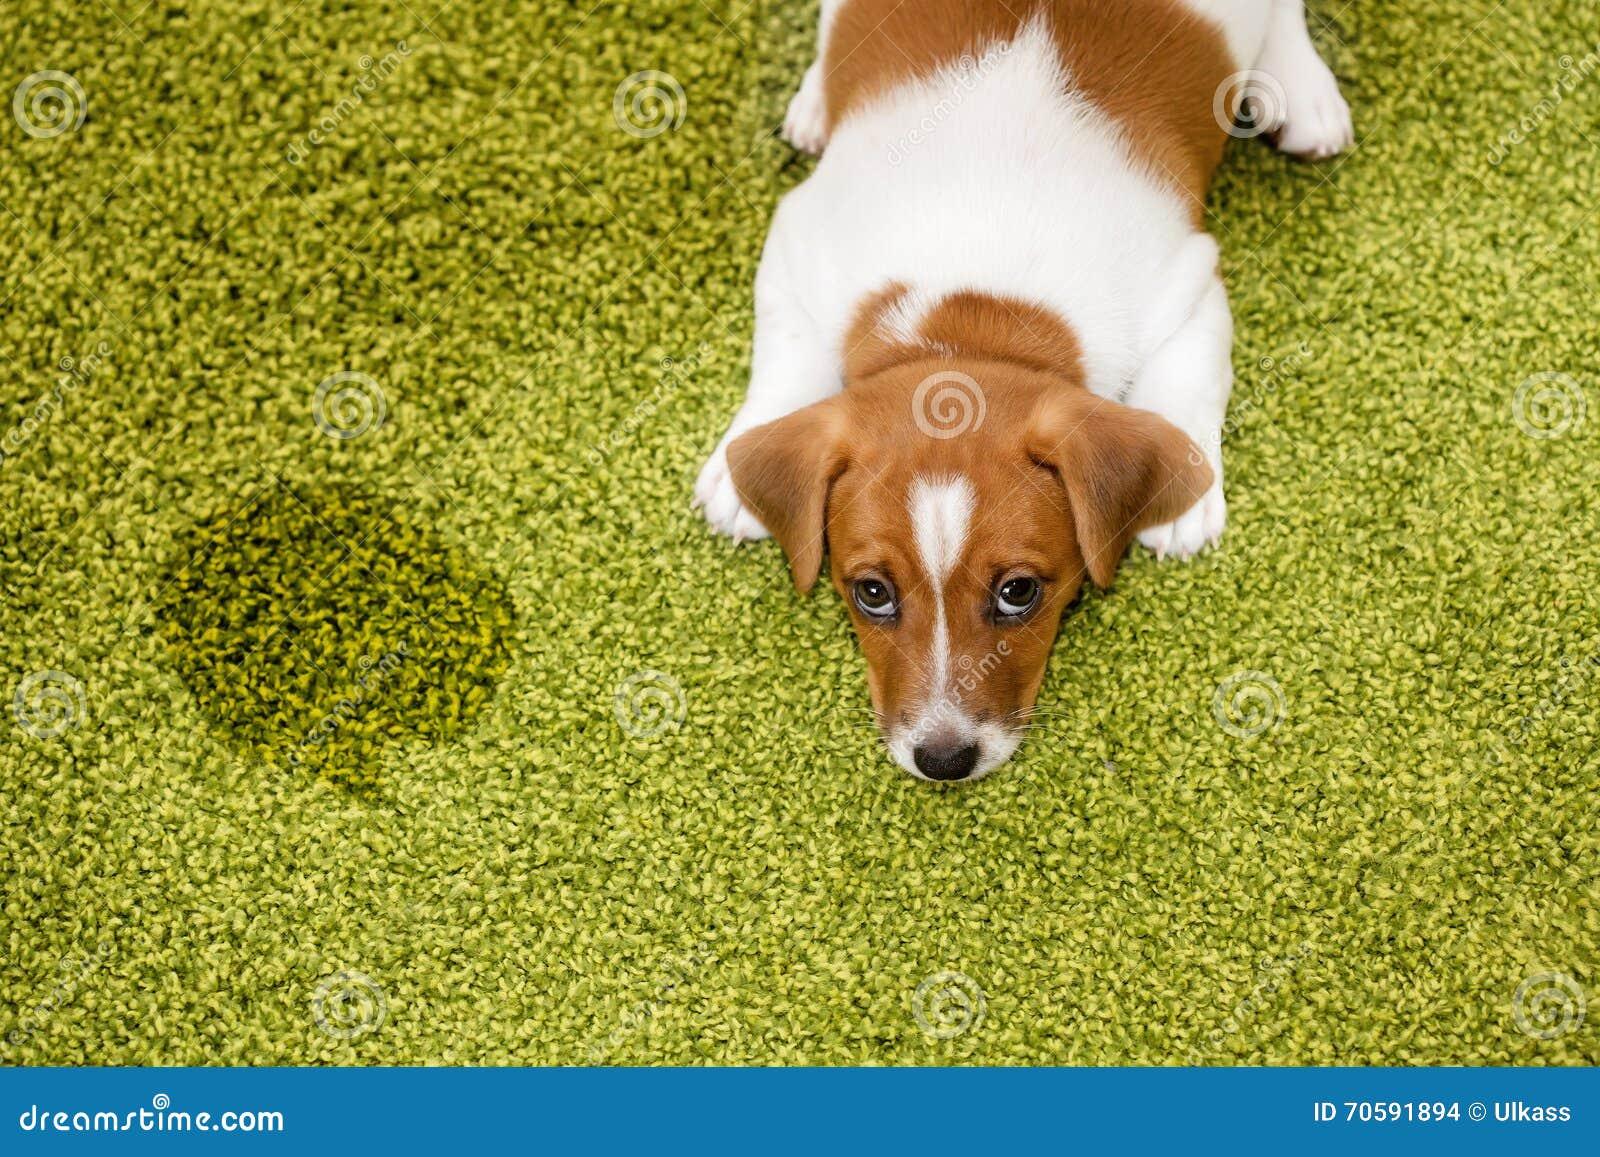 女人和狗配动态囹�a_一群金毛把毯子上印的小狗当成了真的, 一直想跟它玩耍视频